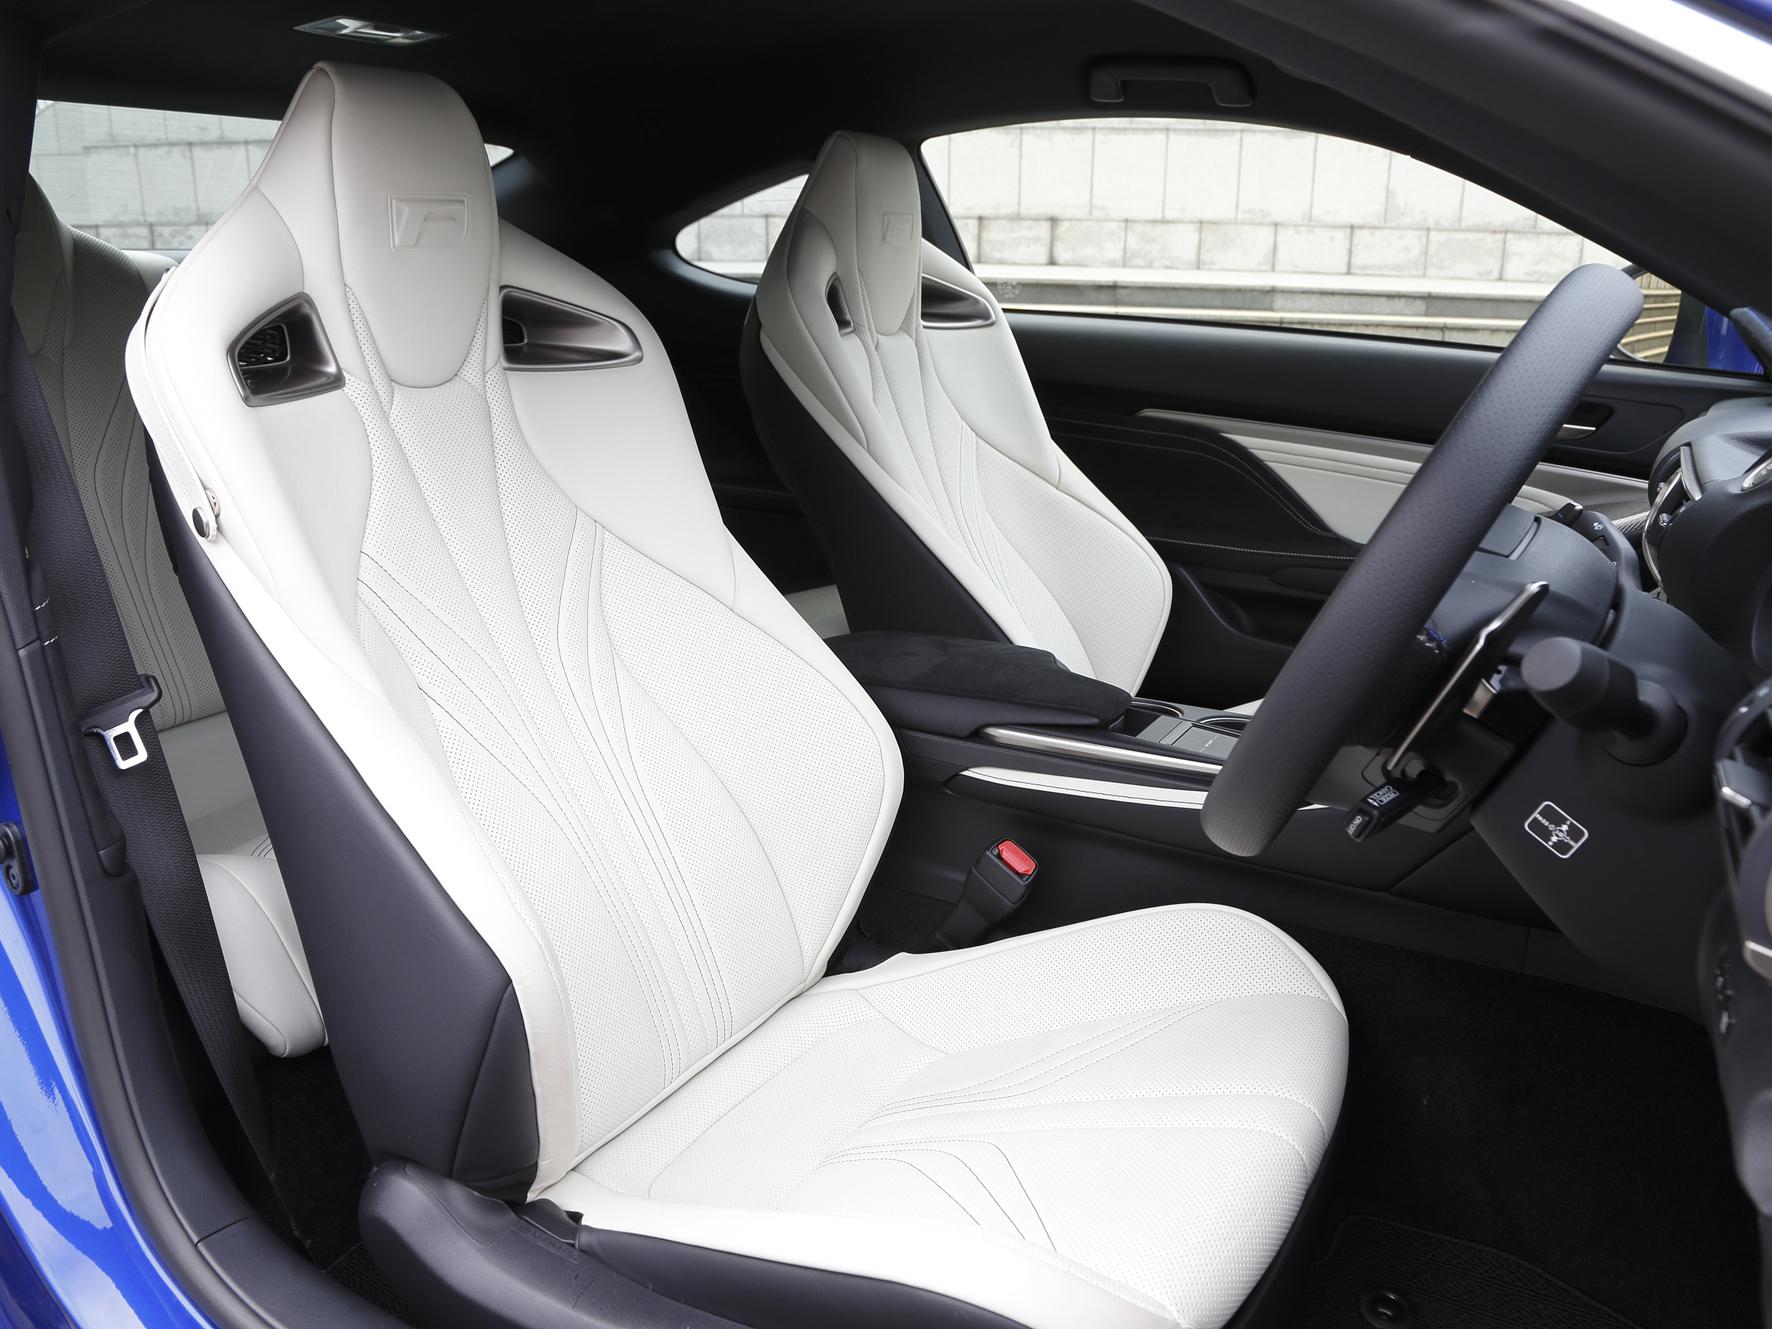 ▲RC Fのシートにはヘッドレストと一体型のハイバックスポーツシートを用いた。ステッチも骨格や筋肉に沿った縫製パターンで、フィット感を向上している